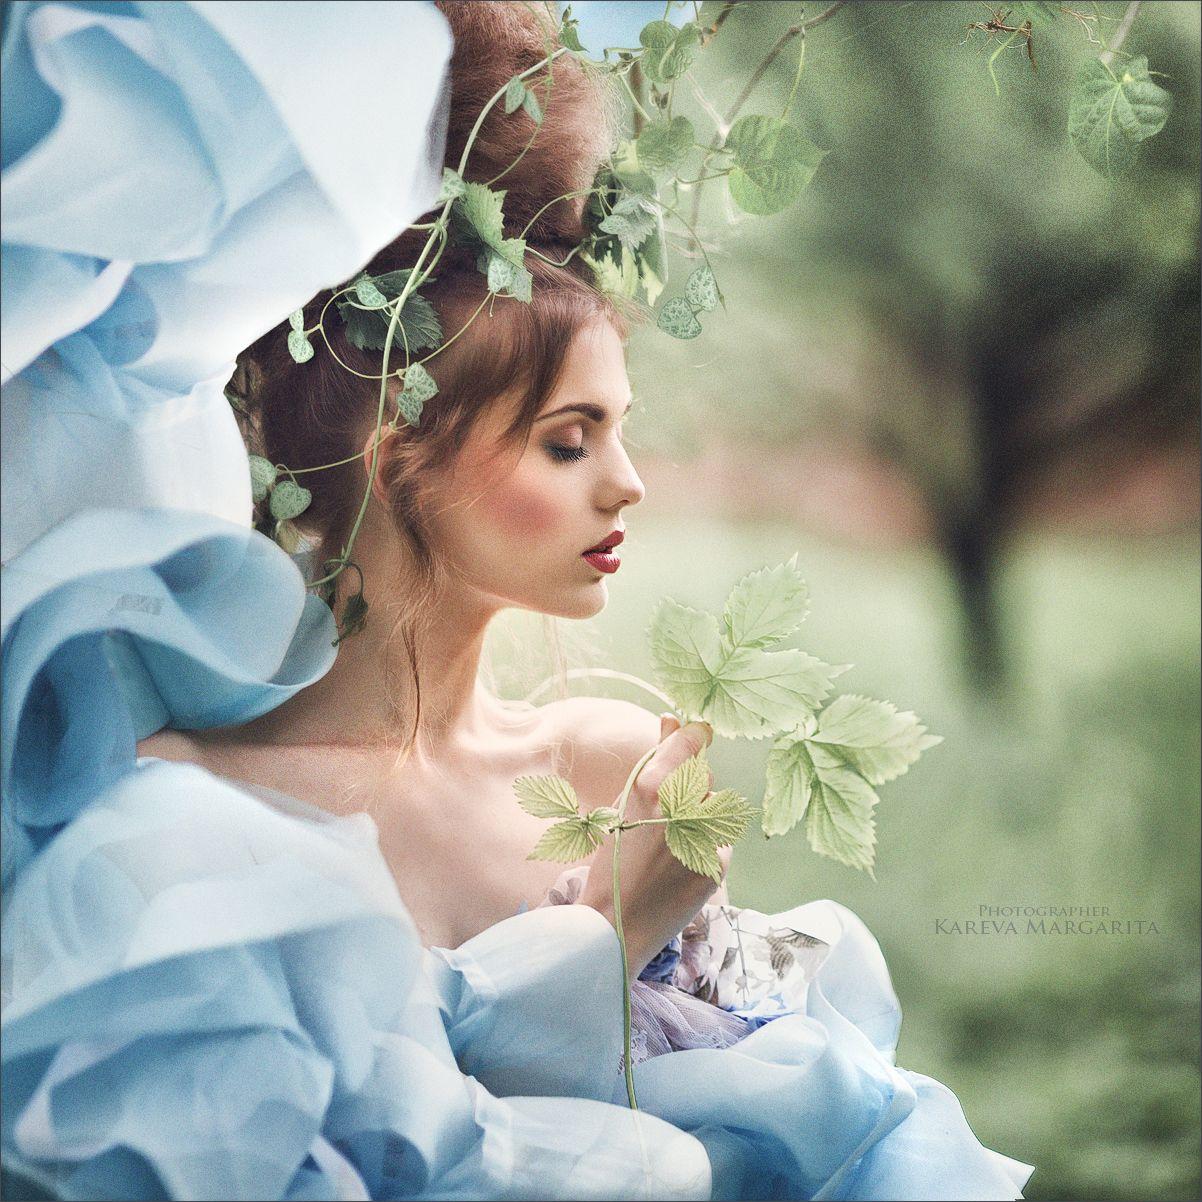 Весна, женщина, пахнет цветами. Весенняя женщина, проснулась! И Я ее знаю!Margarita Kareva